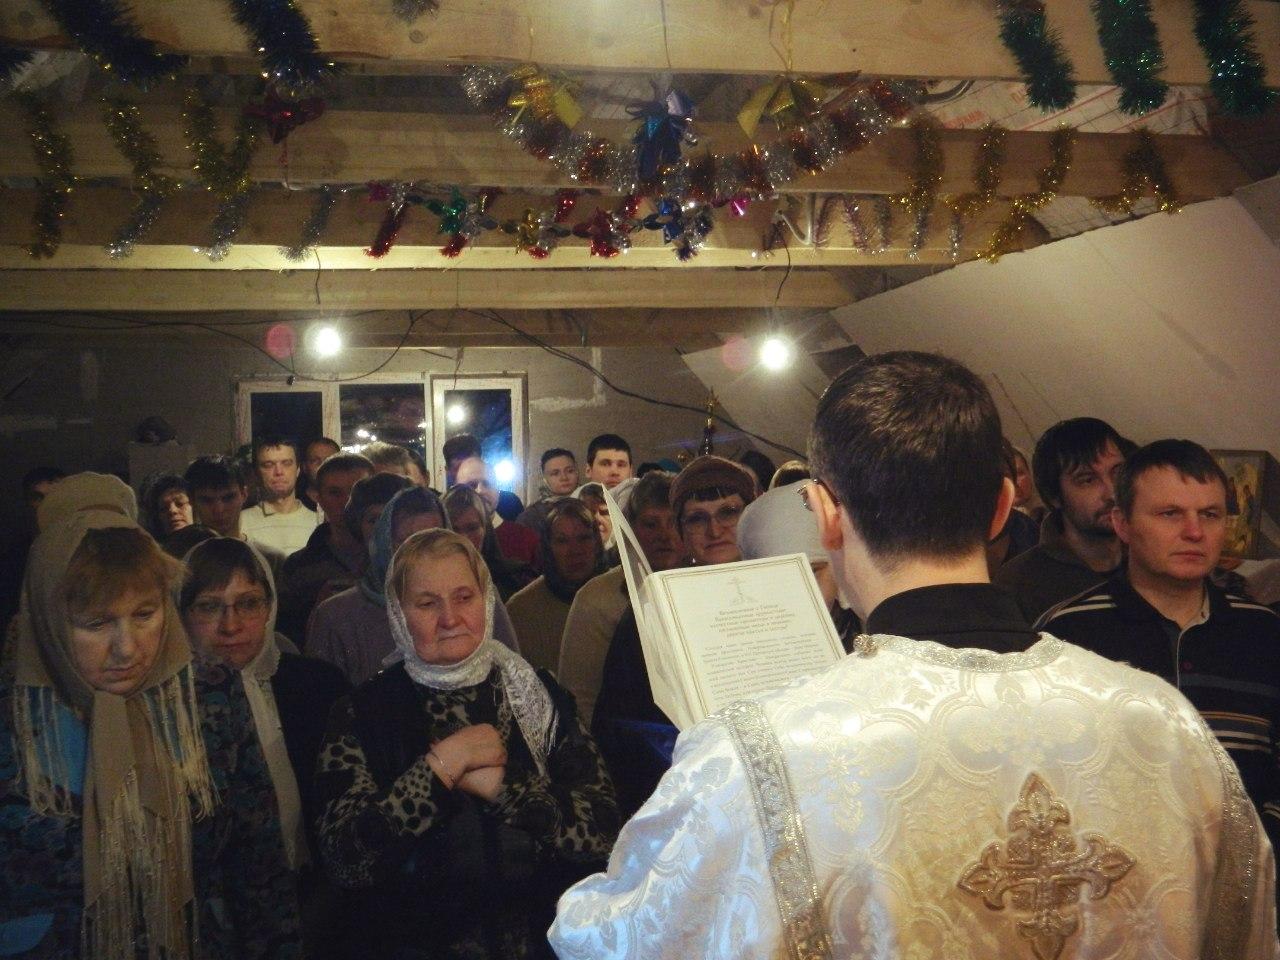 Пом. настоятеля Константин Старцев читает рождественское послание митрополита Мефодия (Пермского и Соликамского)